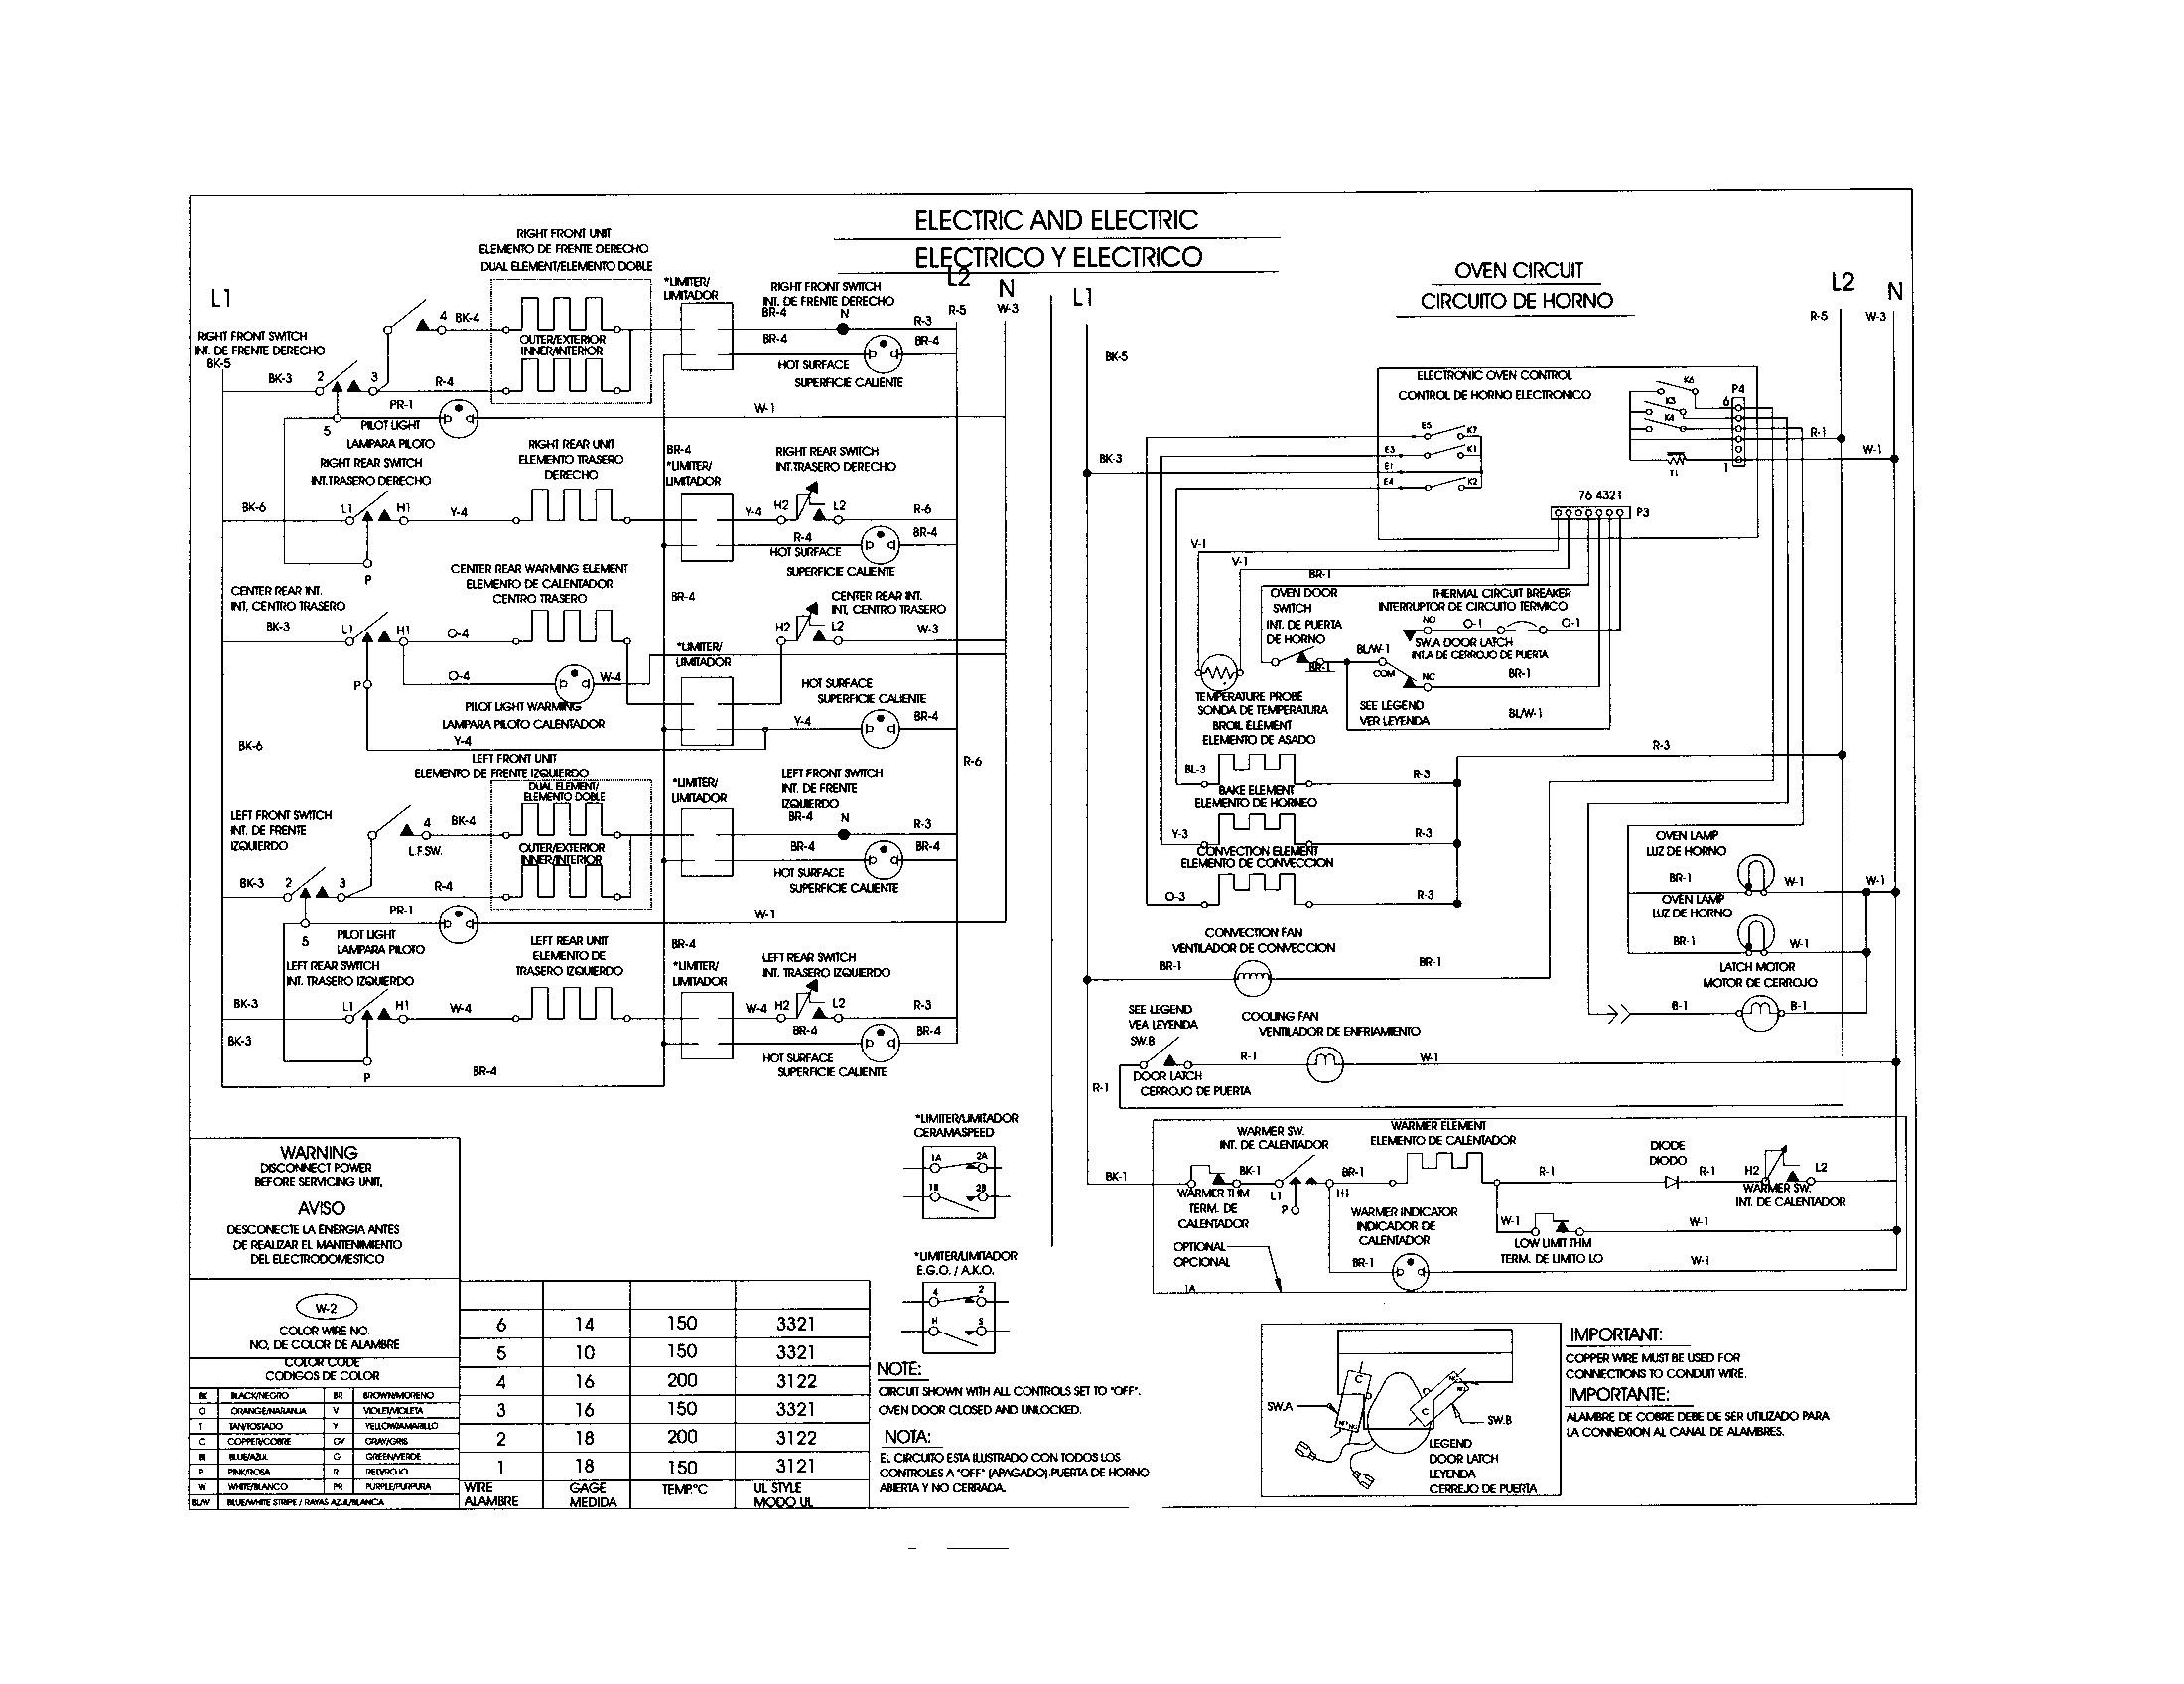 Kenmore Dishwasher Wiring Diagram Kenmore Oven Wiring Diagram and Elite Refrigerator